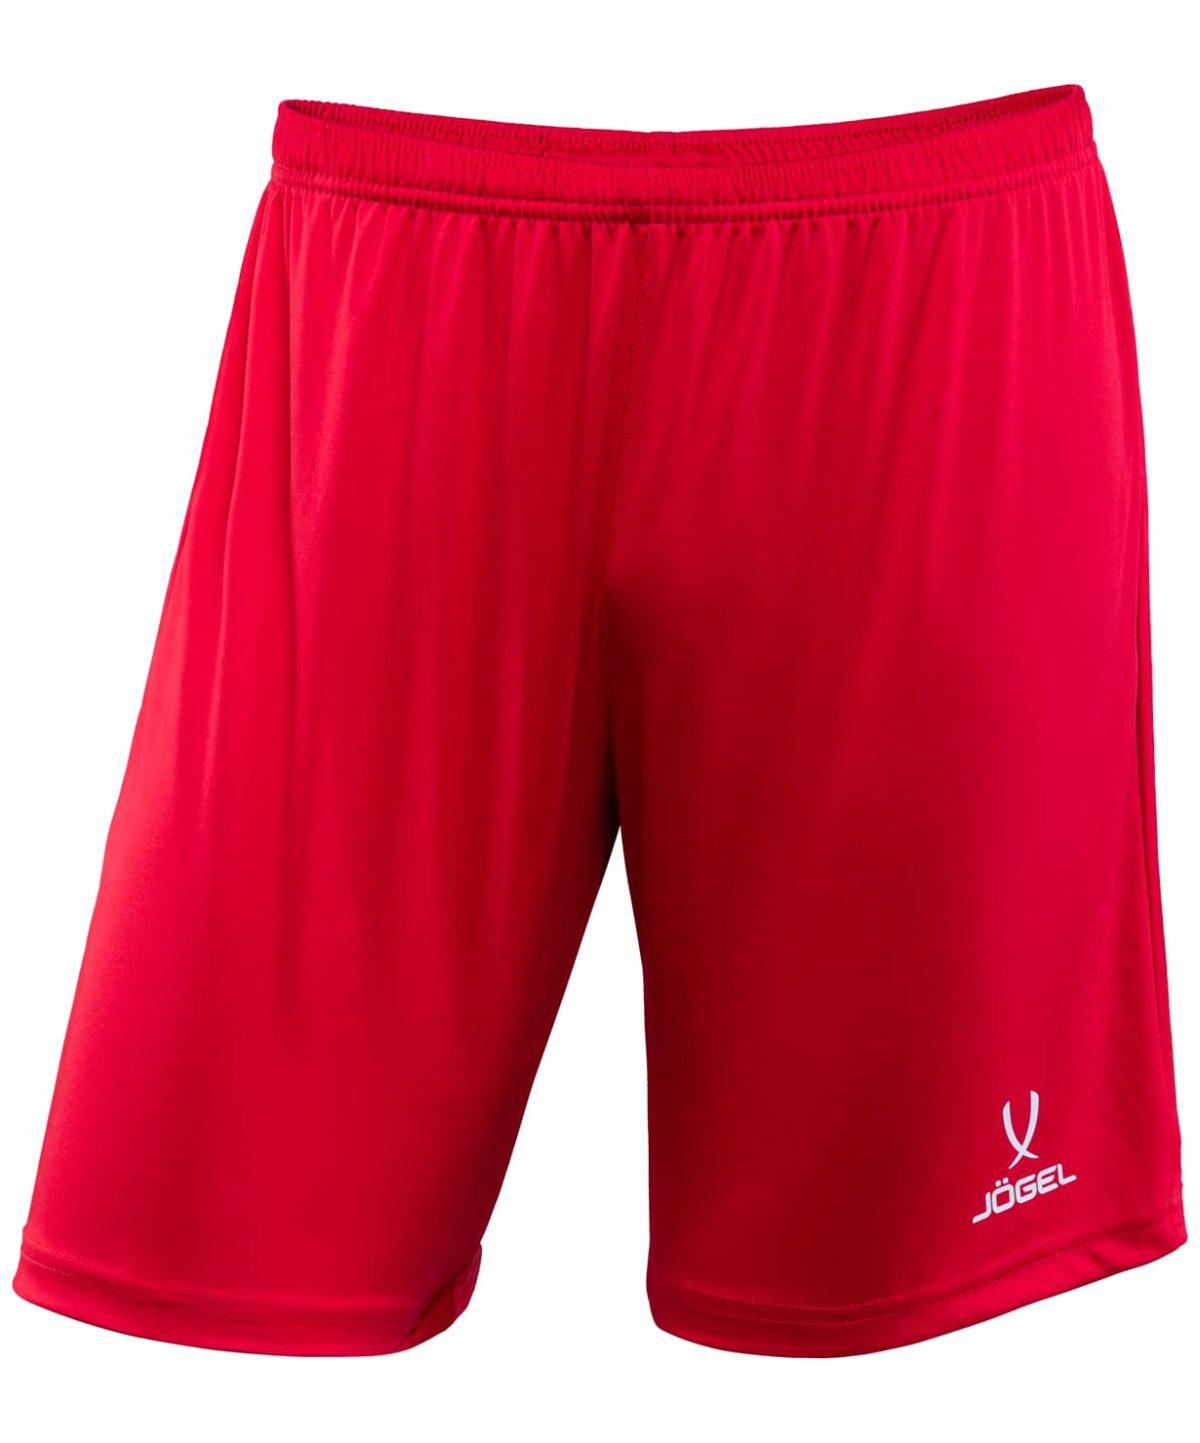 JOGEL CAMP Шорты футбольные, красный/белый  JFT-1120-021 - 1